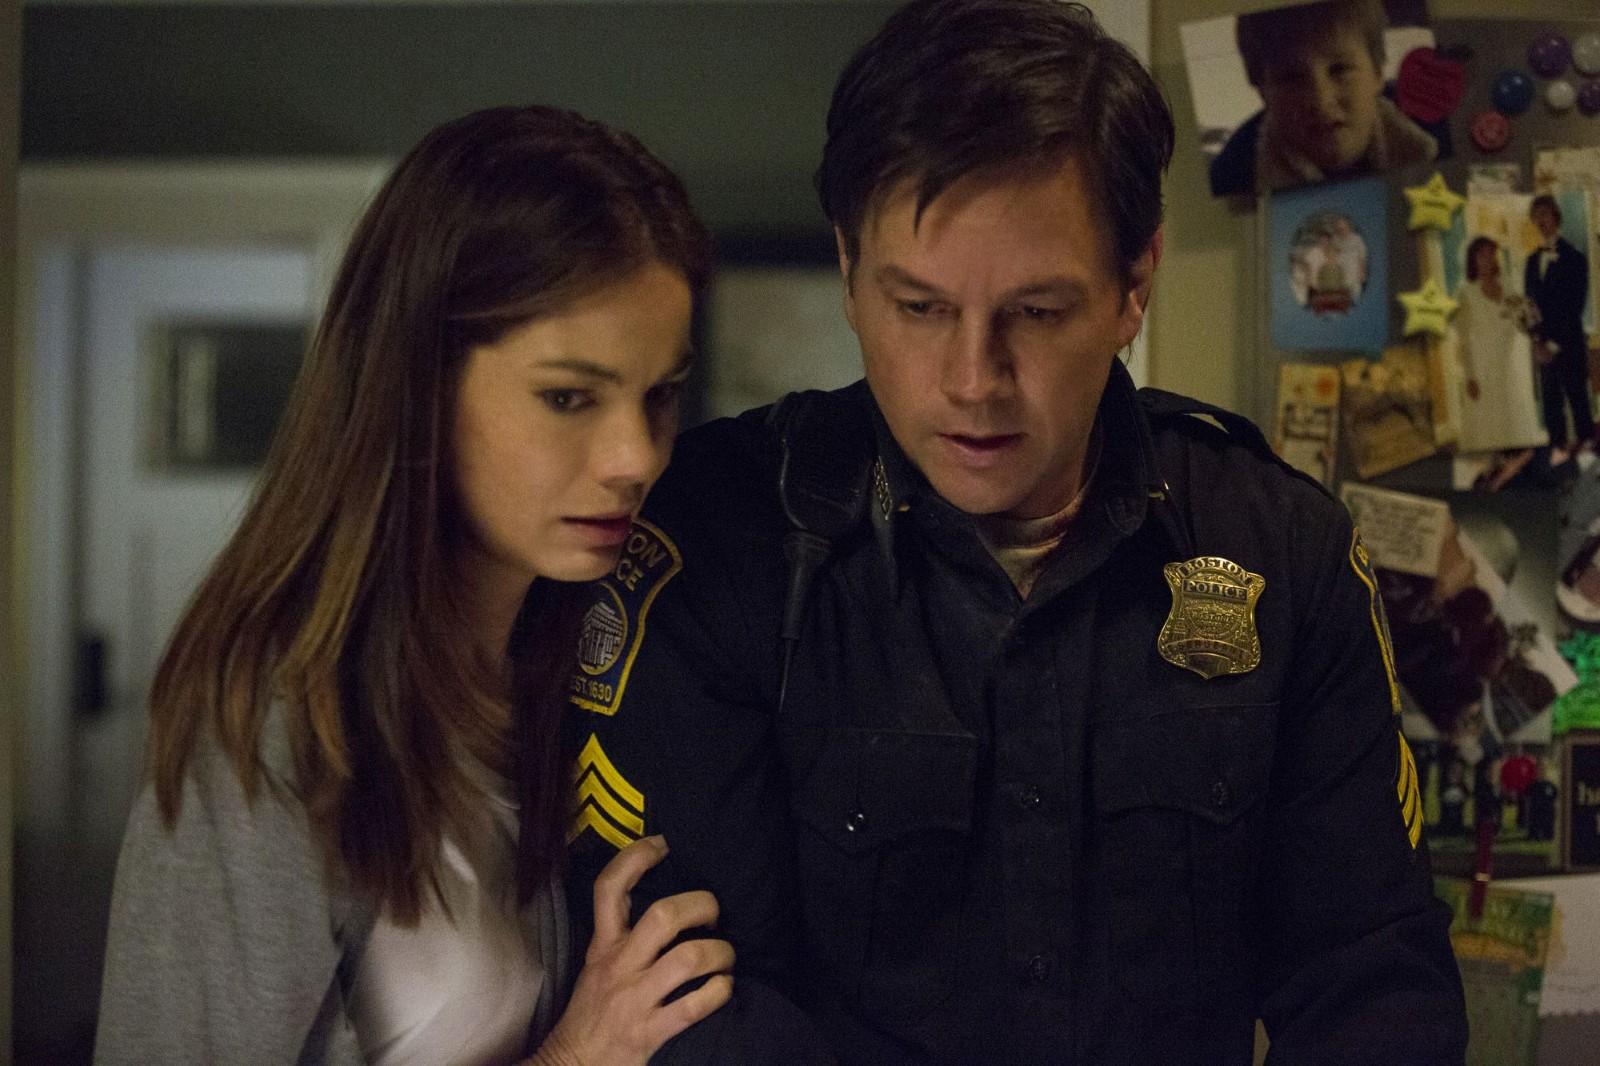 Wie so viele Bostoner können Carol (Michelle Monaghan) und Sgt. Tommy Saunders (Mark Wahlberg) das Geschehene später kaum fassen.